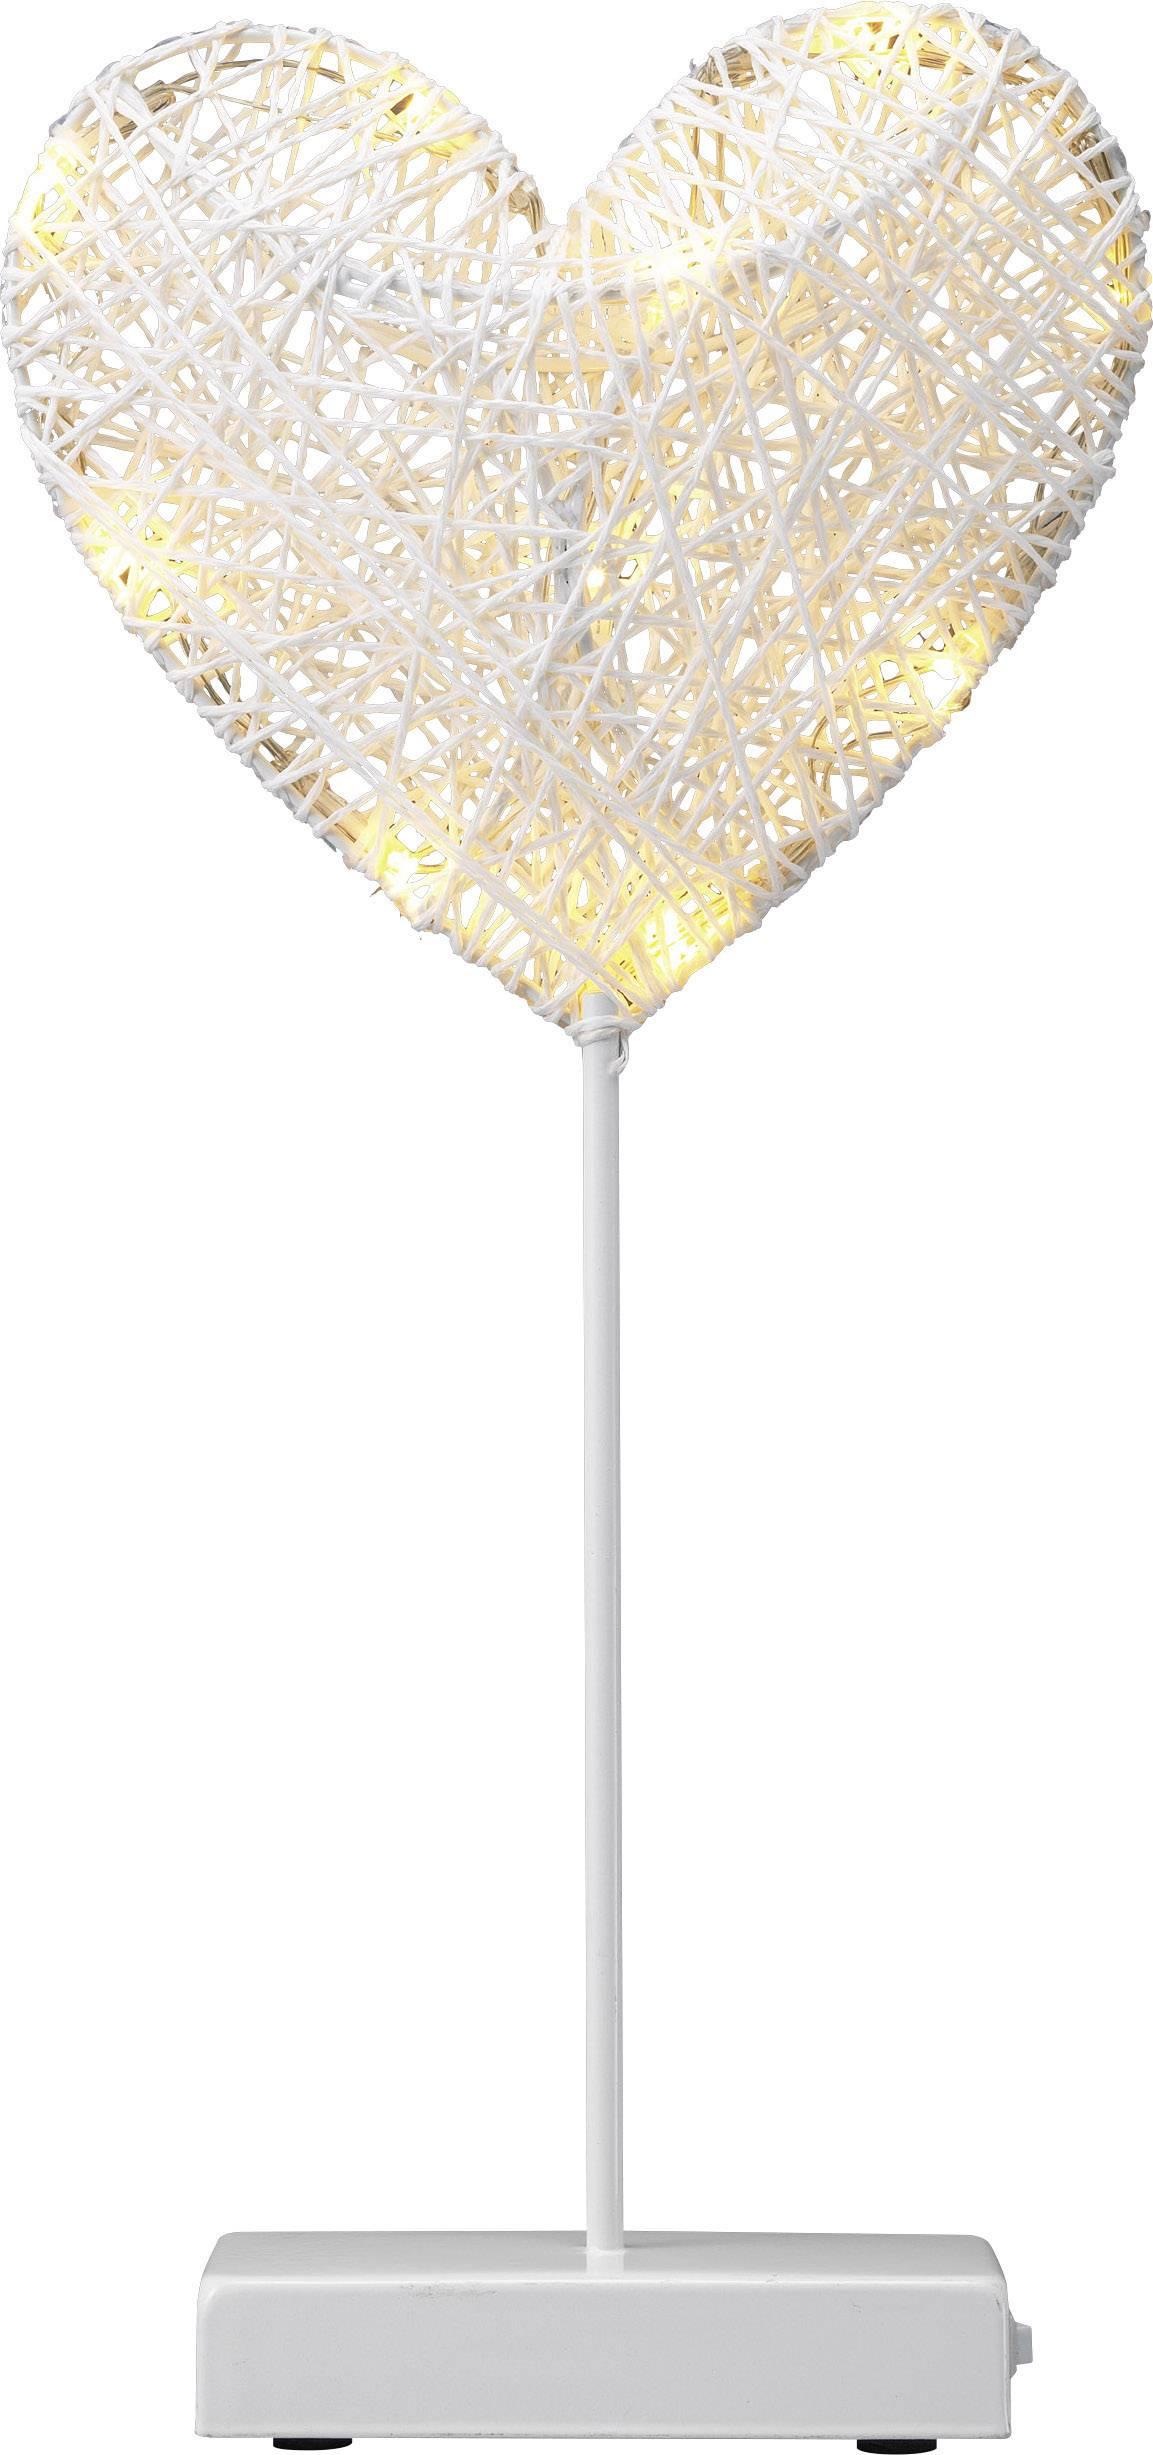 Srdce LED vianočná dekorácia Polarlite 1233510, biela